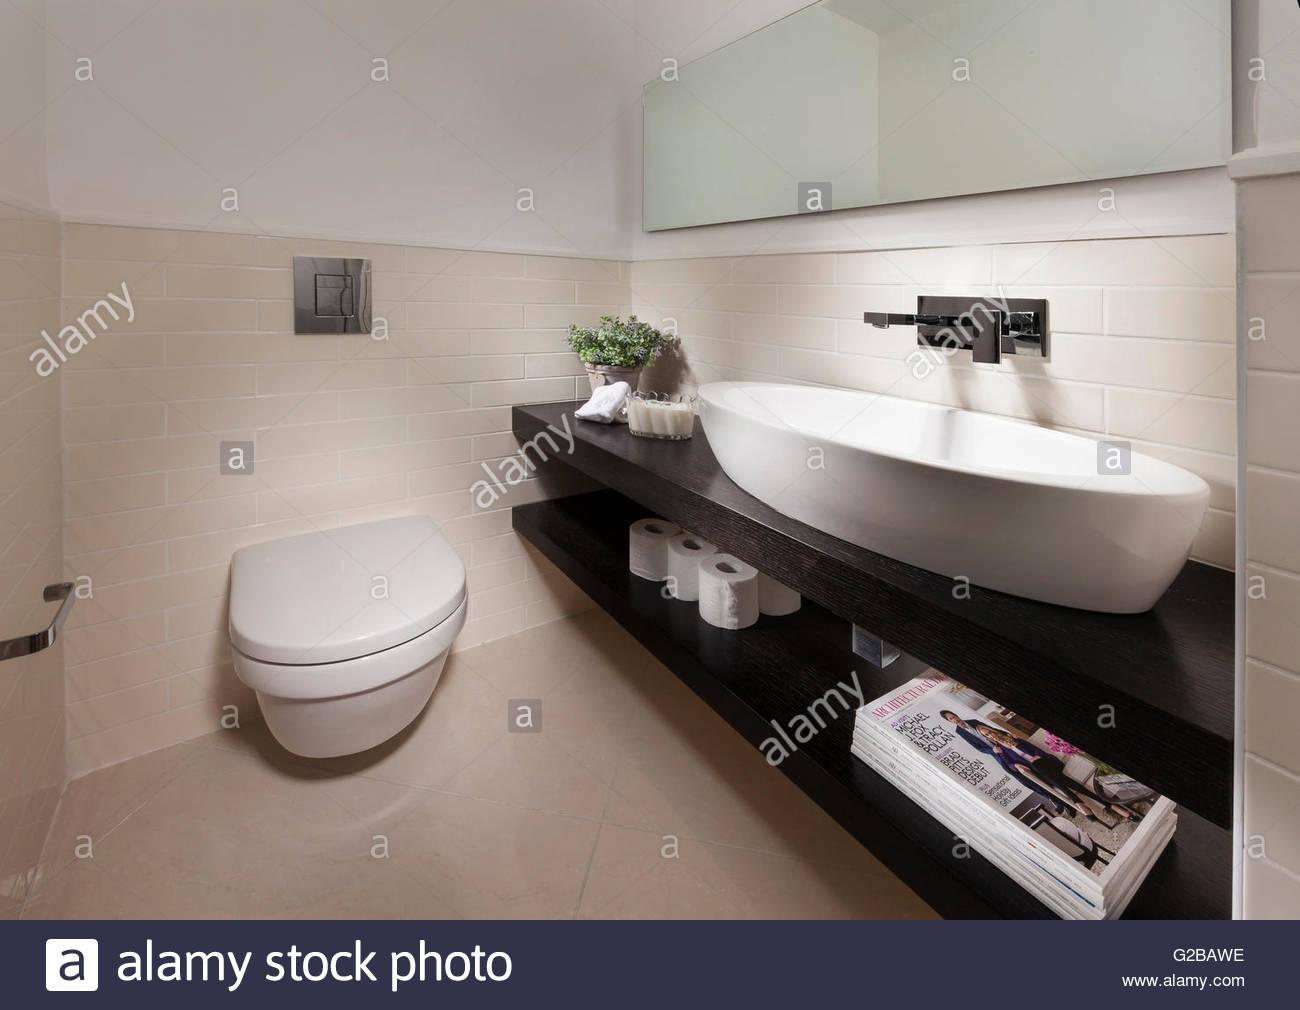 Bagno Legno E Bianco : Bagno moderno con il bianco e il legno caratteristiche foto